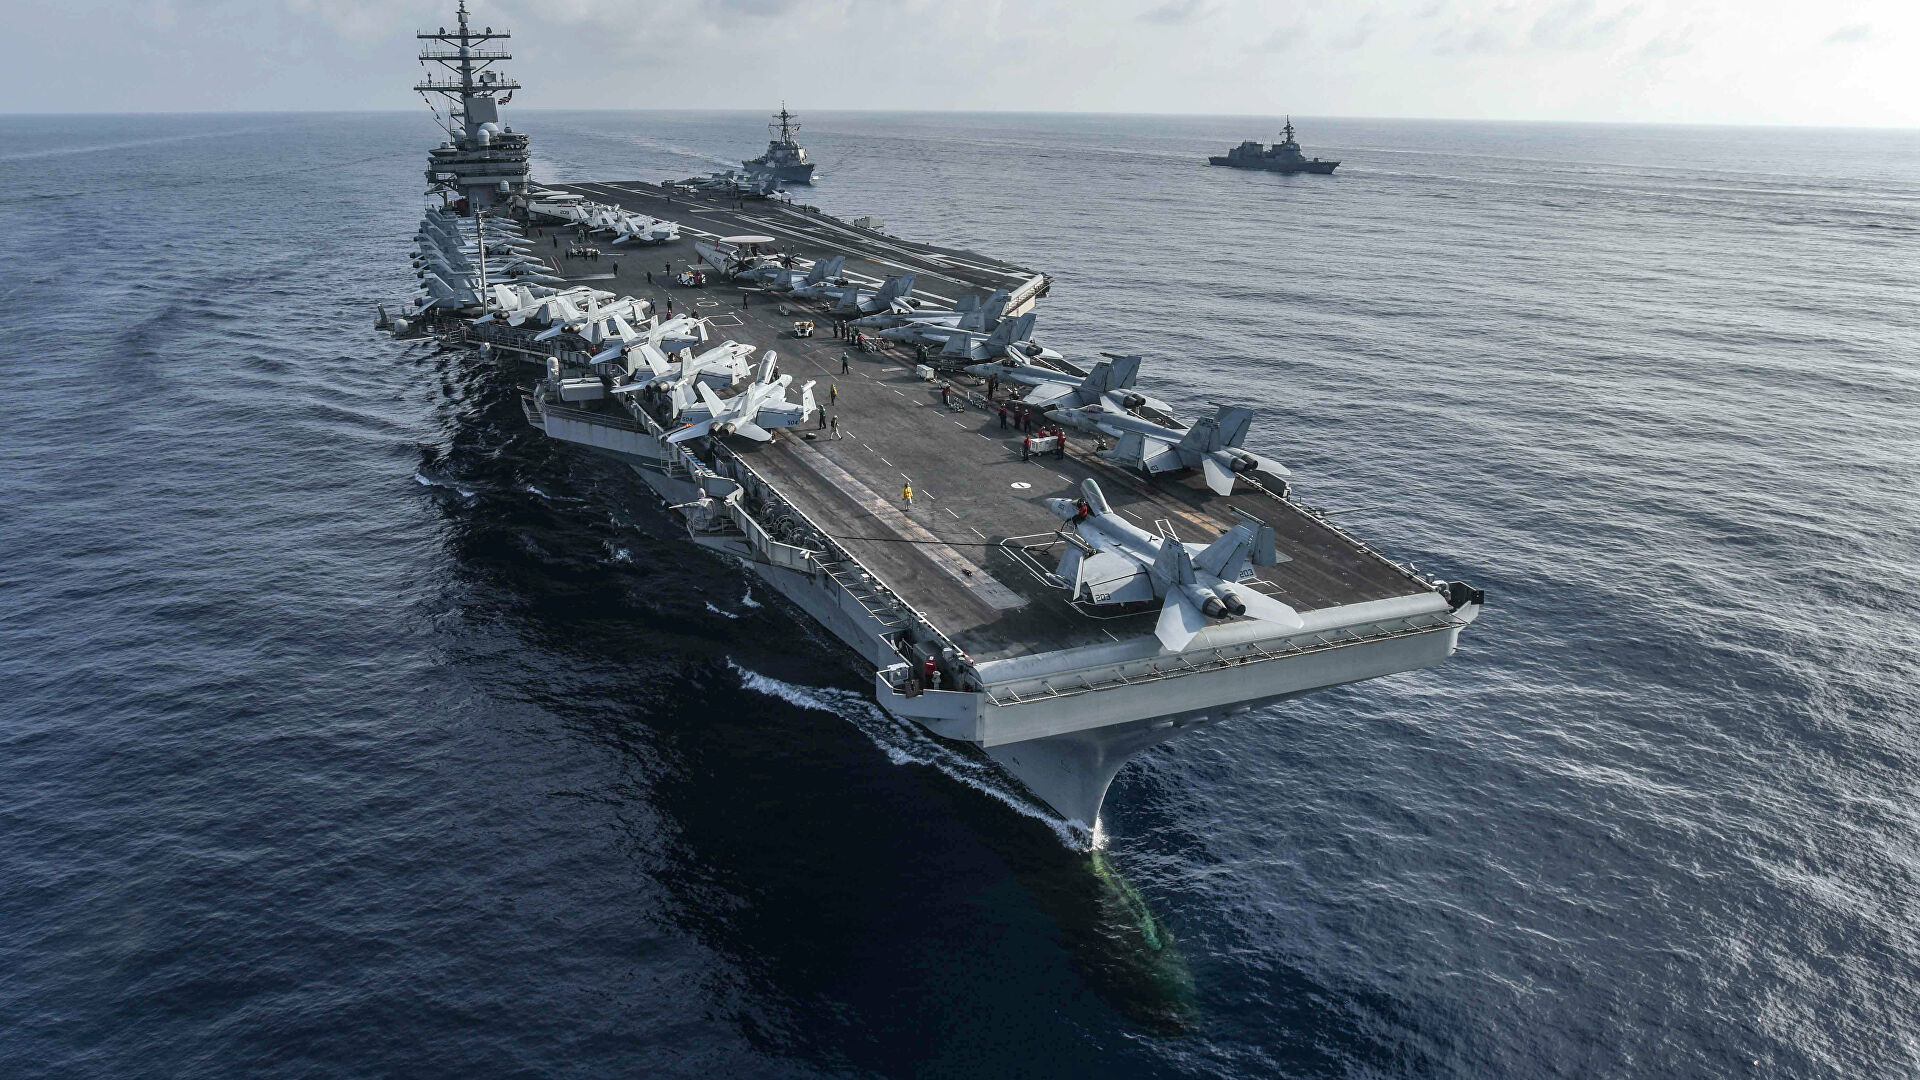 СМИ узнали о планах США отправить авианосец на Ближний Восток